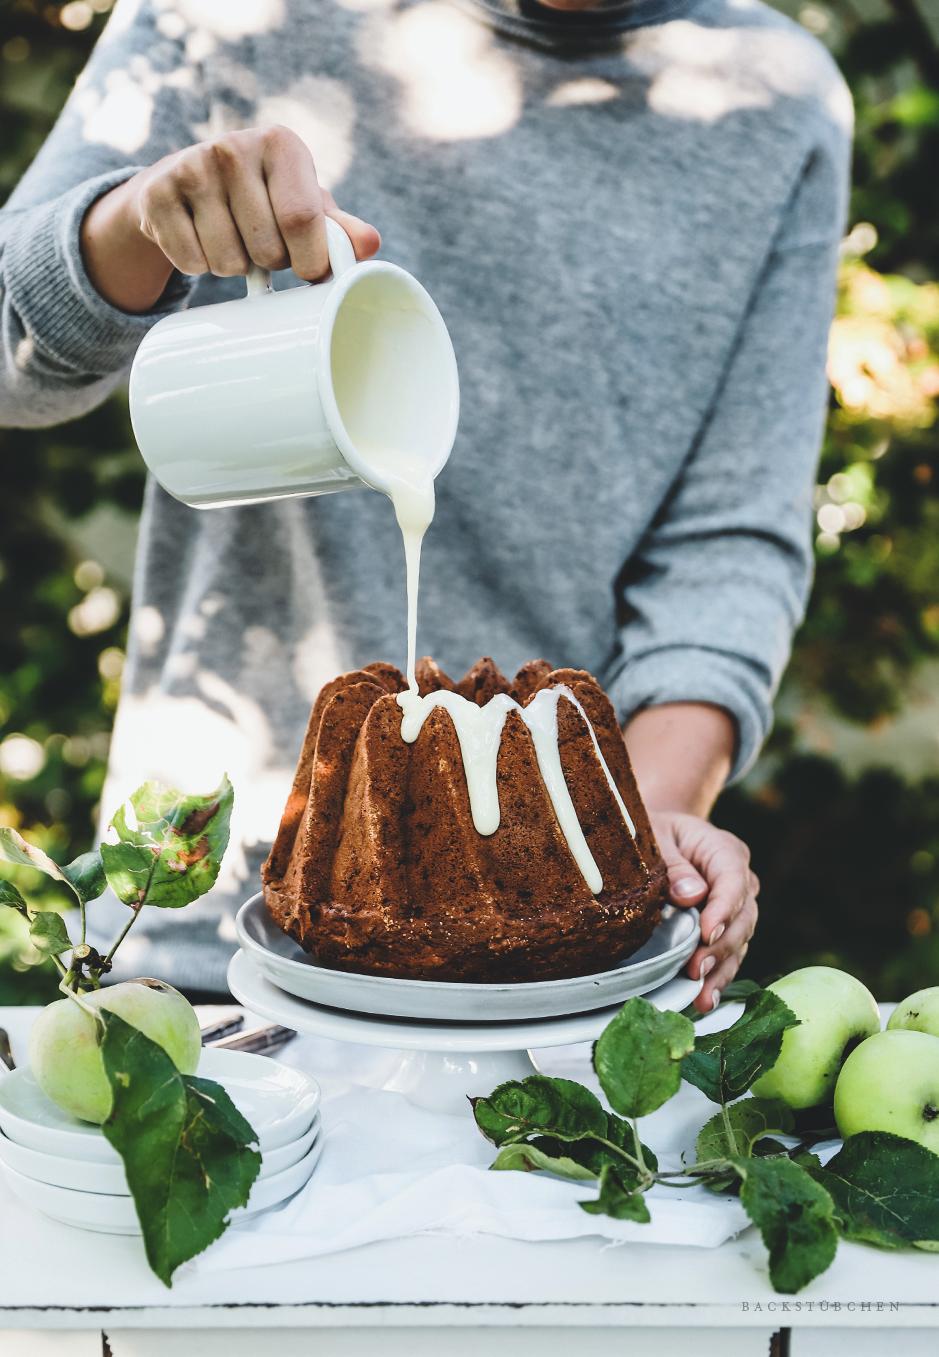 gugelhupf mit geriebenen äpfel ist erfrischend und besonders lecker mit heimischen Äpfeln